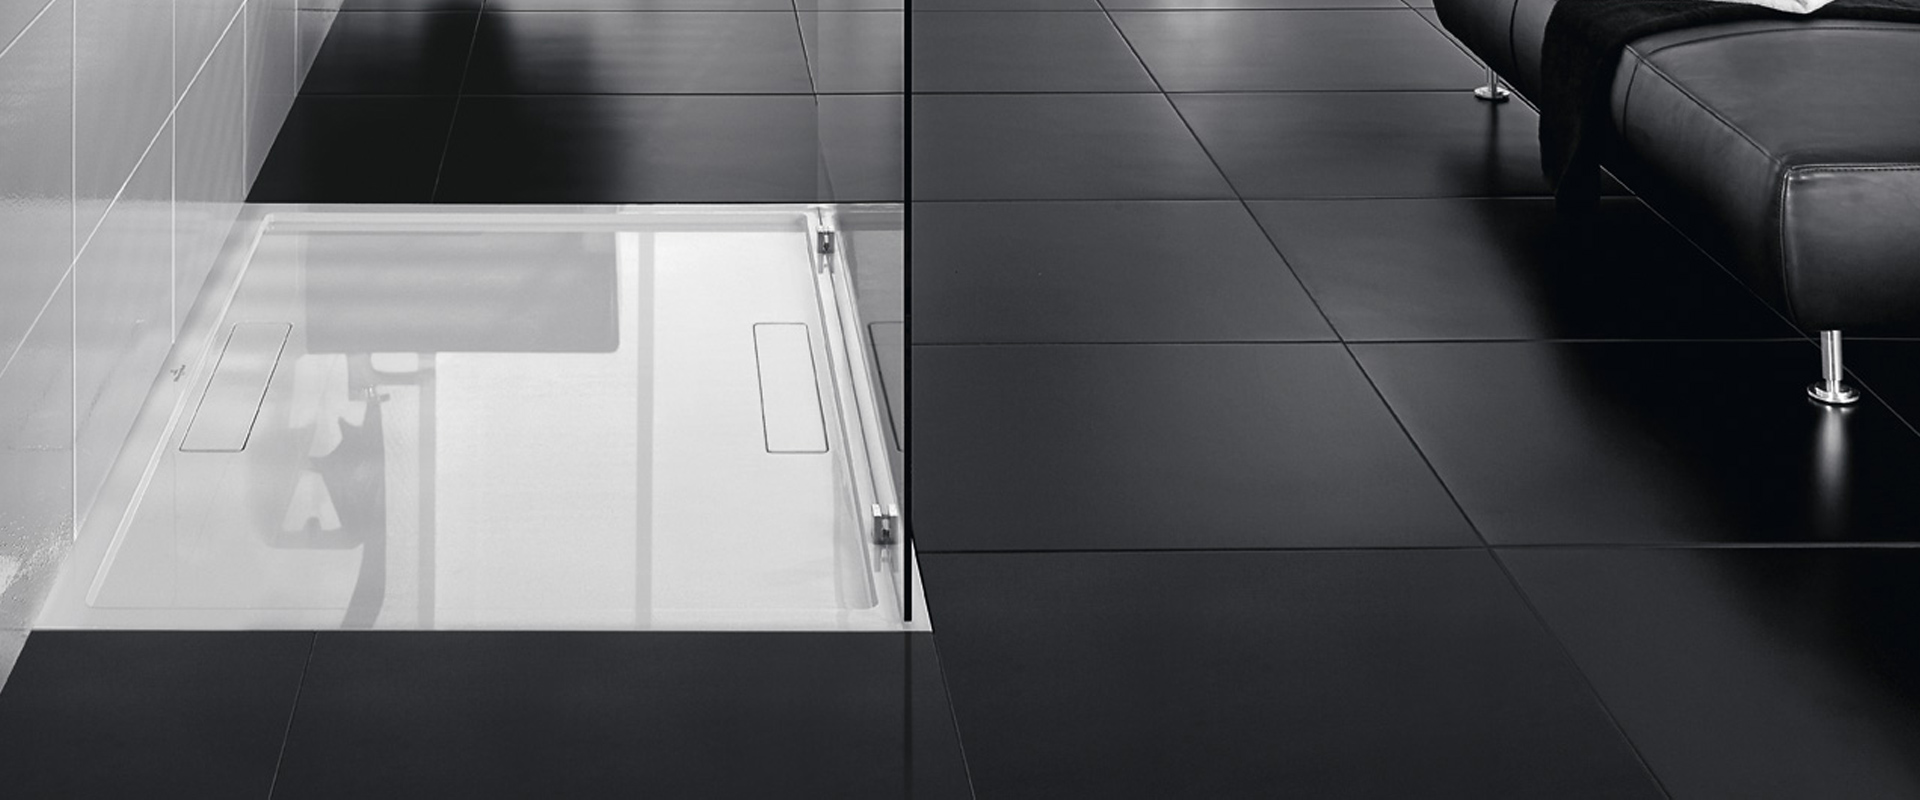 quaryl op en top natuur villeroy boch. Black Bedroom Furniture Sets. Home Design Ideas